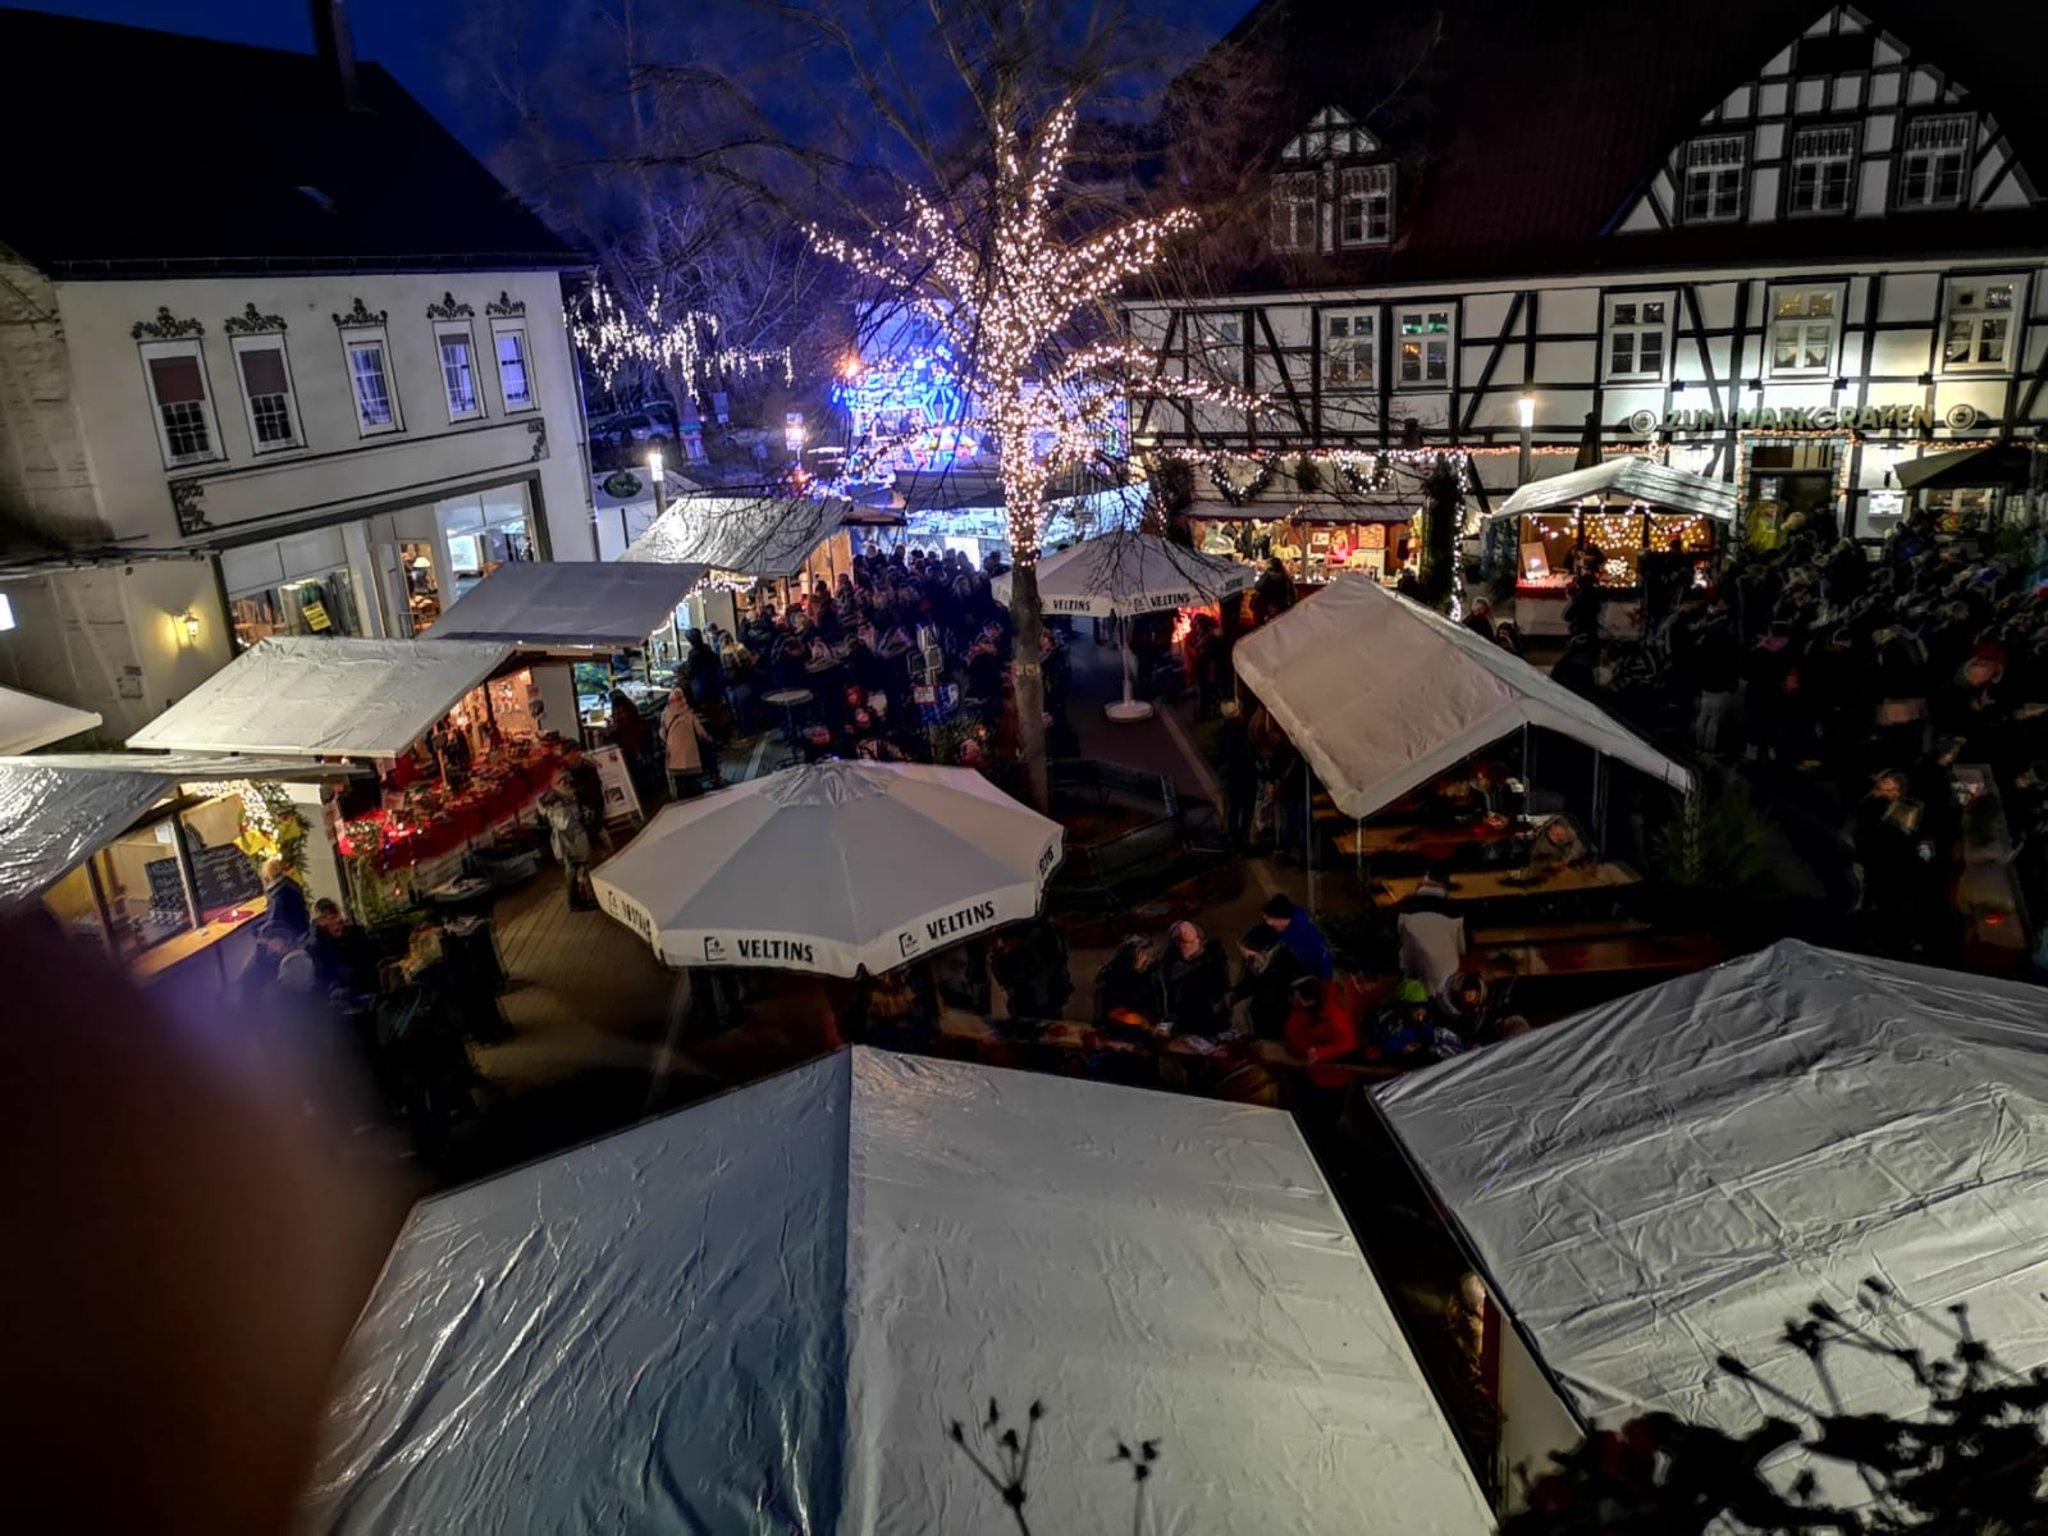 vom 13 bis zum 15 dezember christkindelmarkt lockt nach frondenberg frondenberg ruhr christkindelmarkt lockt nach